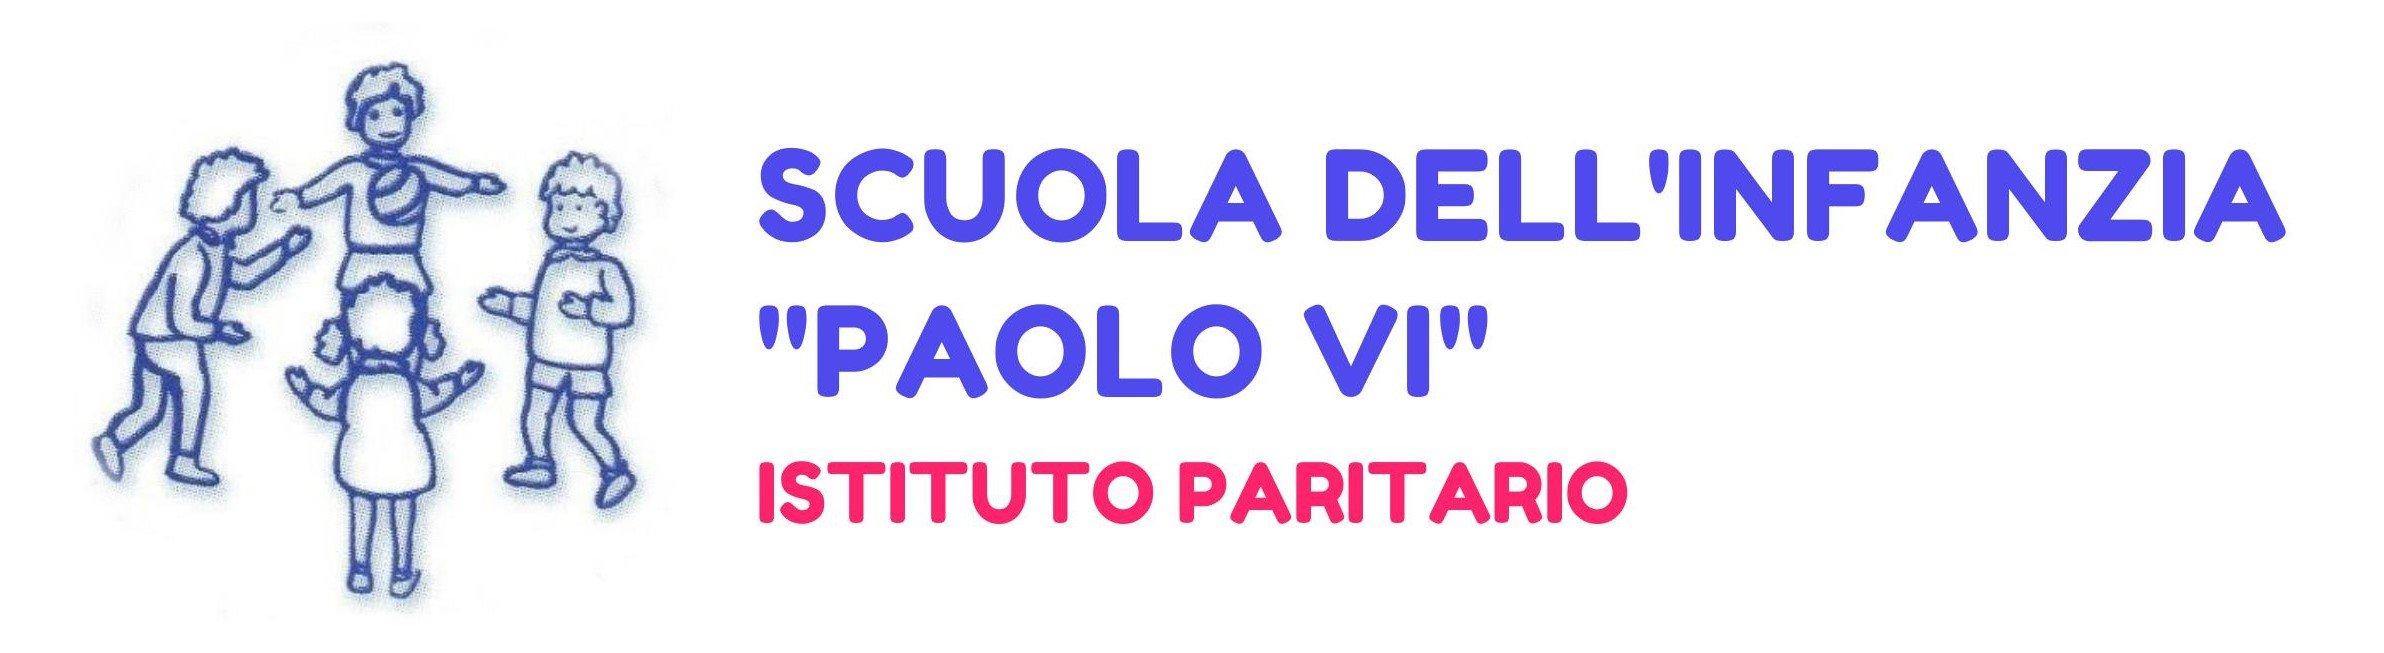 Scuola dell'Infanzia Paolo VI